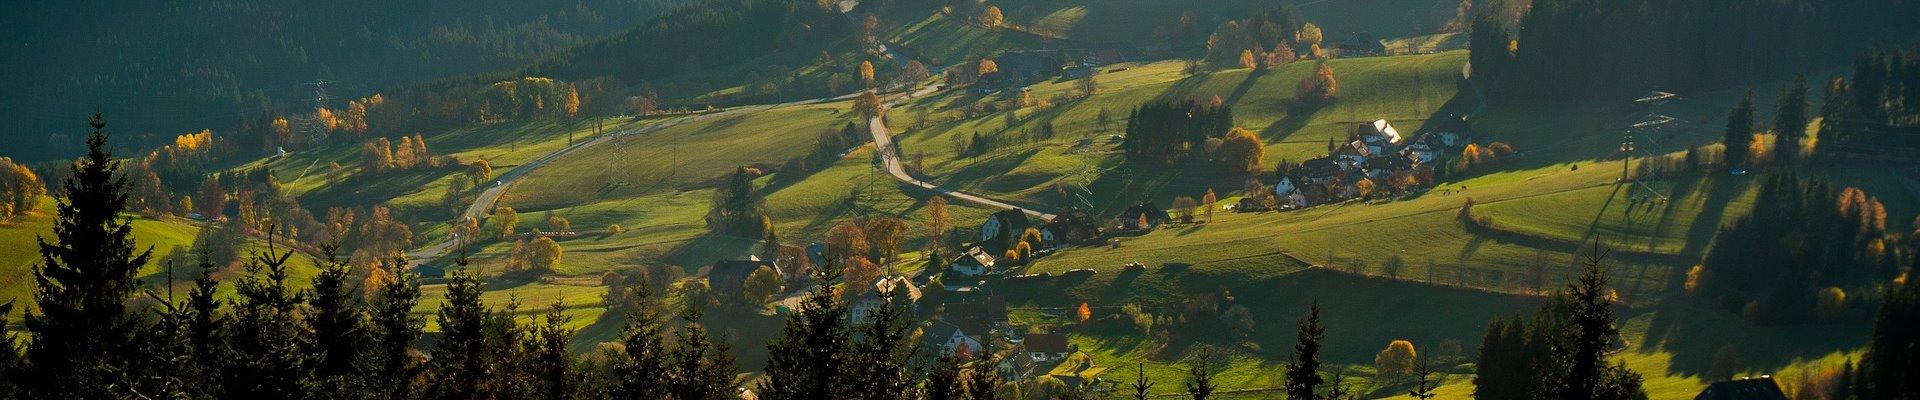 Erlebnis Slider 1920x400: Wiesen und Wälder des Schwarzwalds